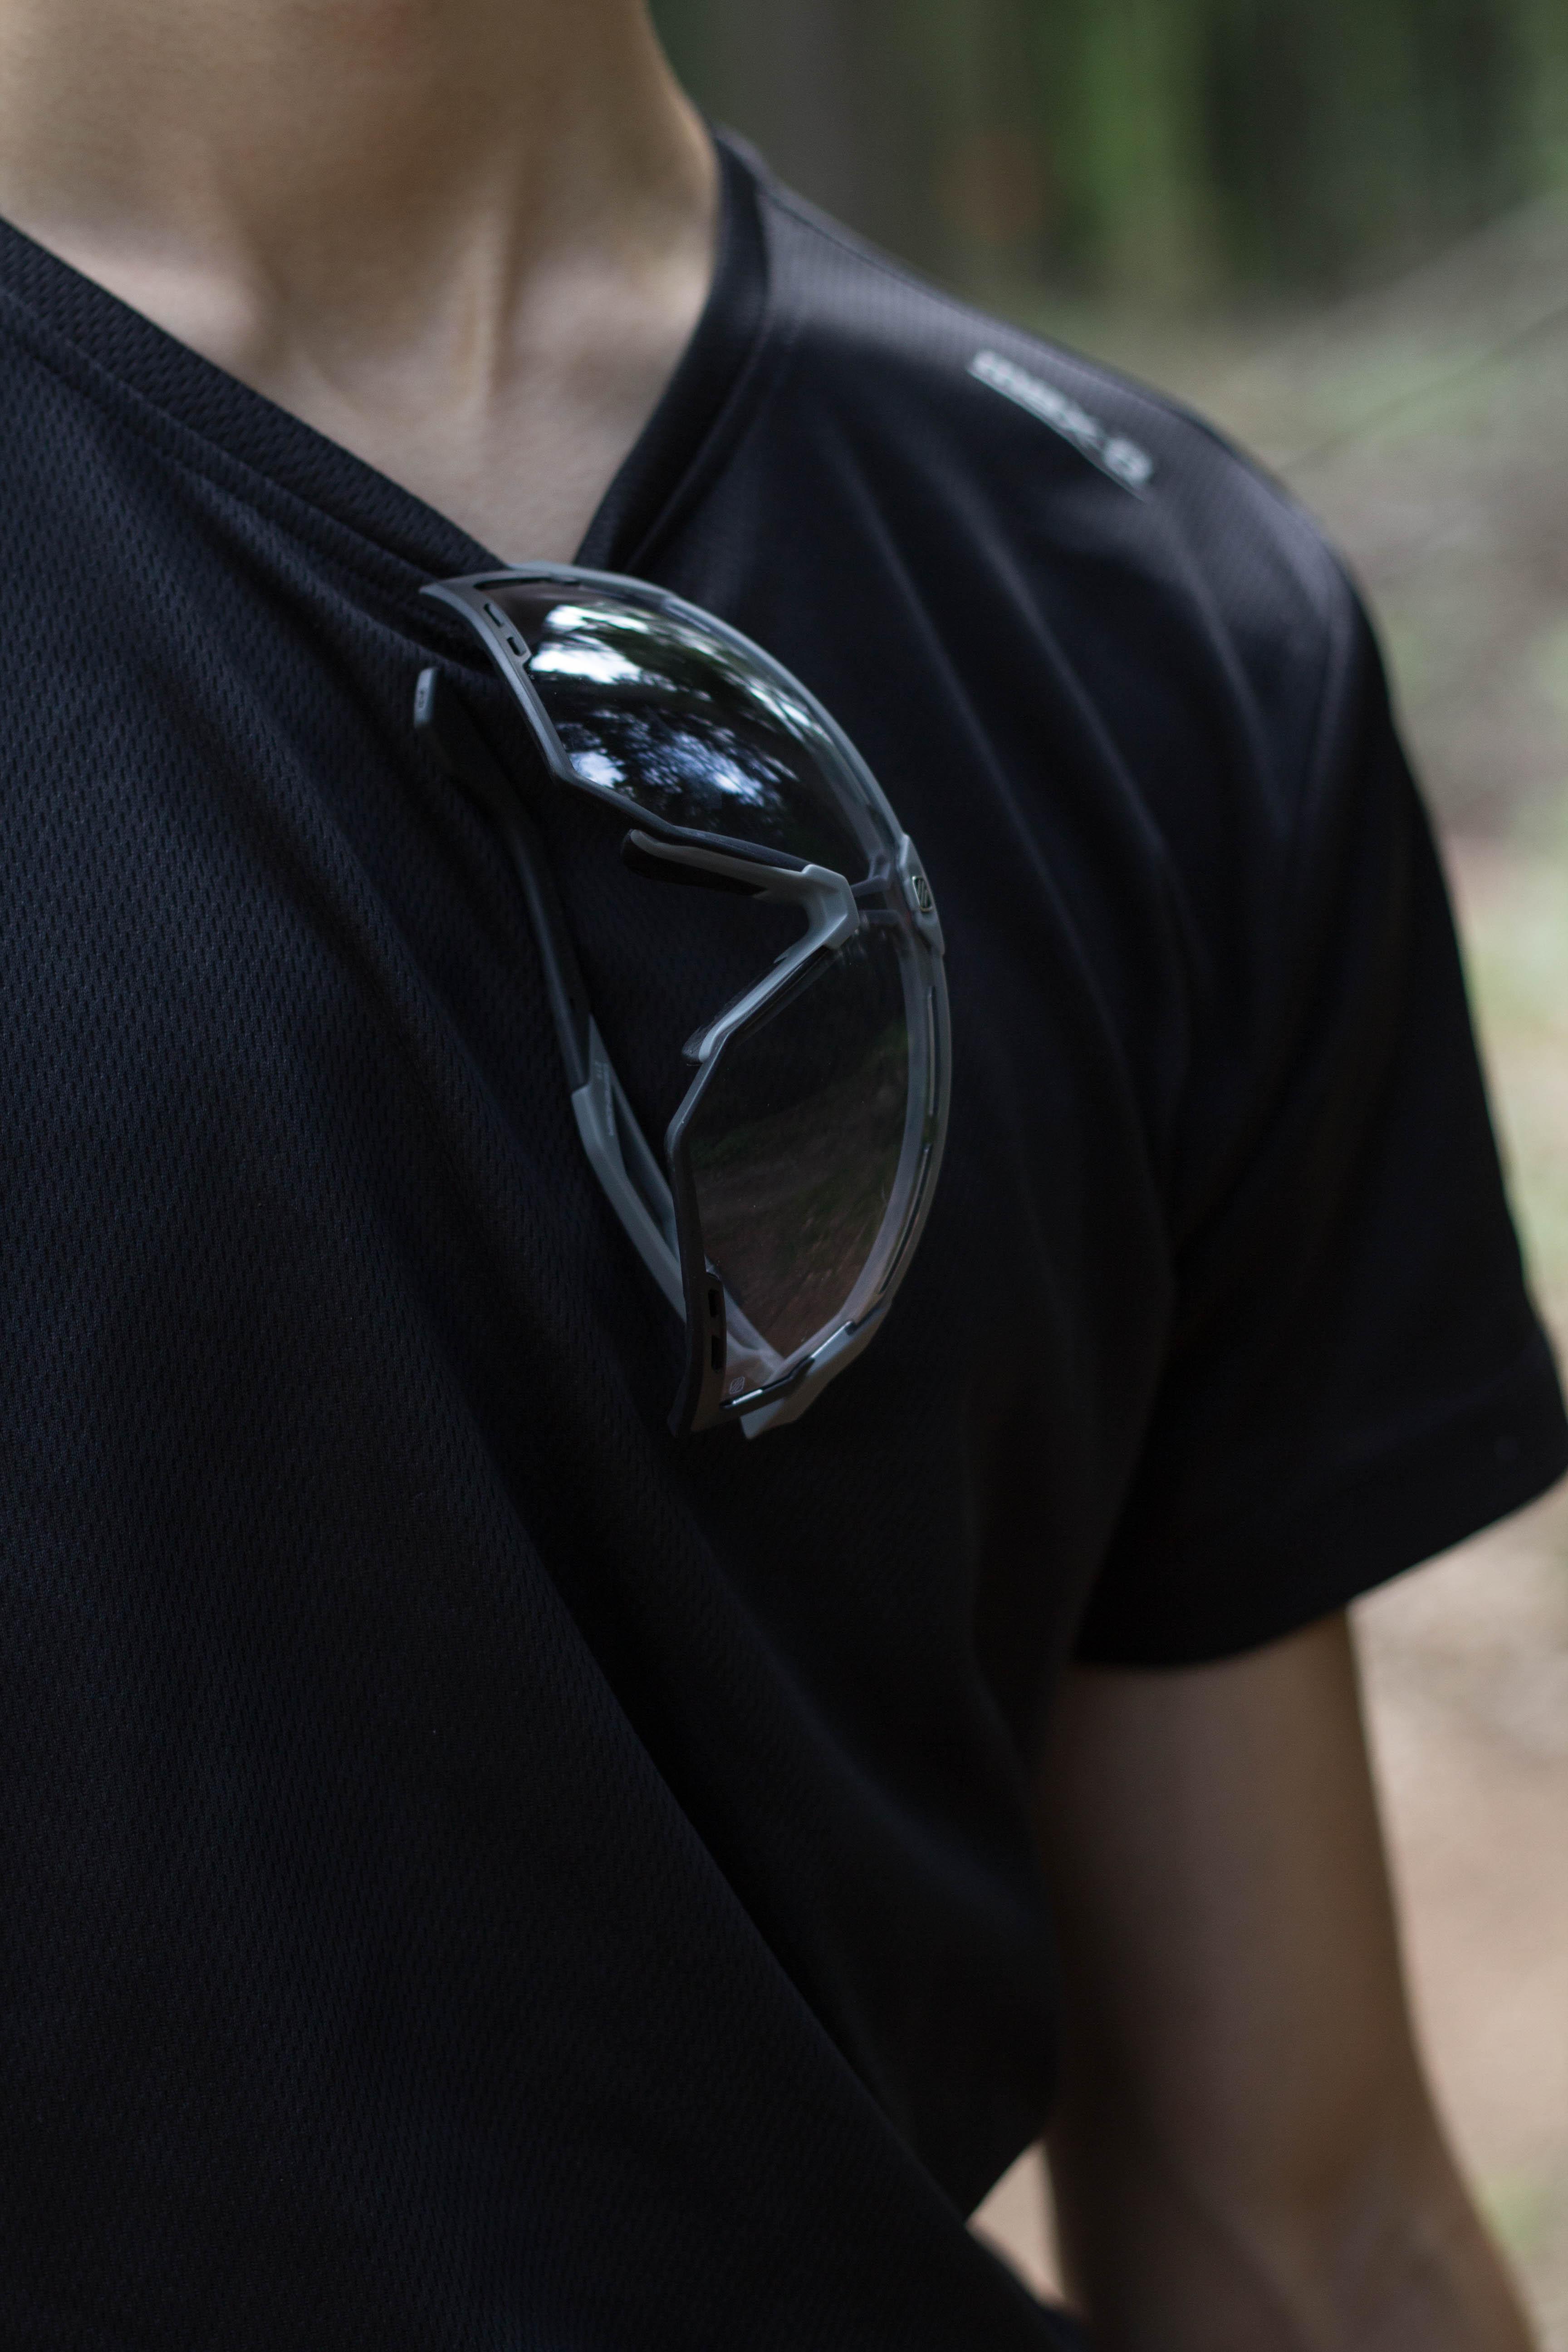 Vorsicht! - Aufgrund der leichtgängigen Bügel fällt die Brille aus dieser Position sehr leicht